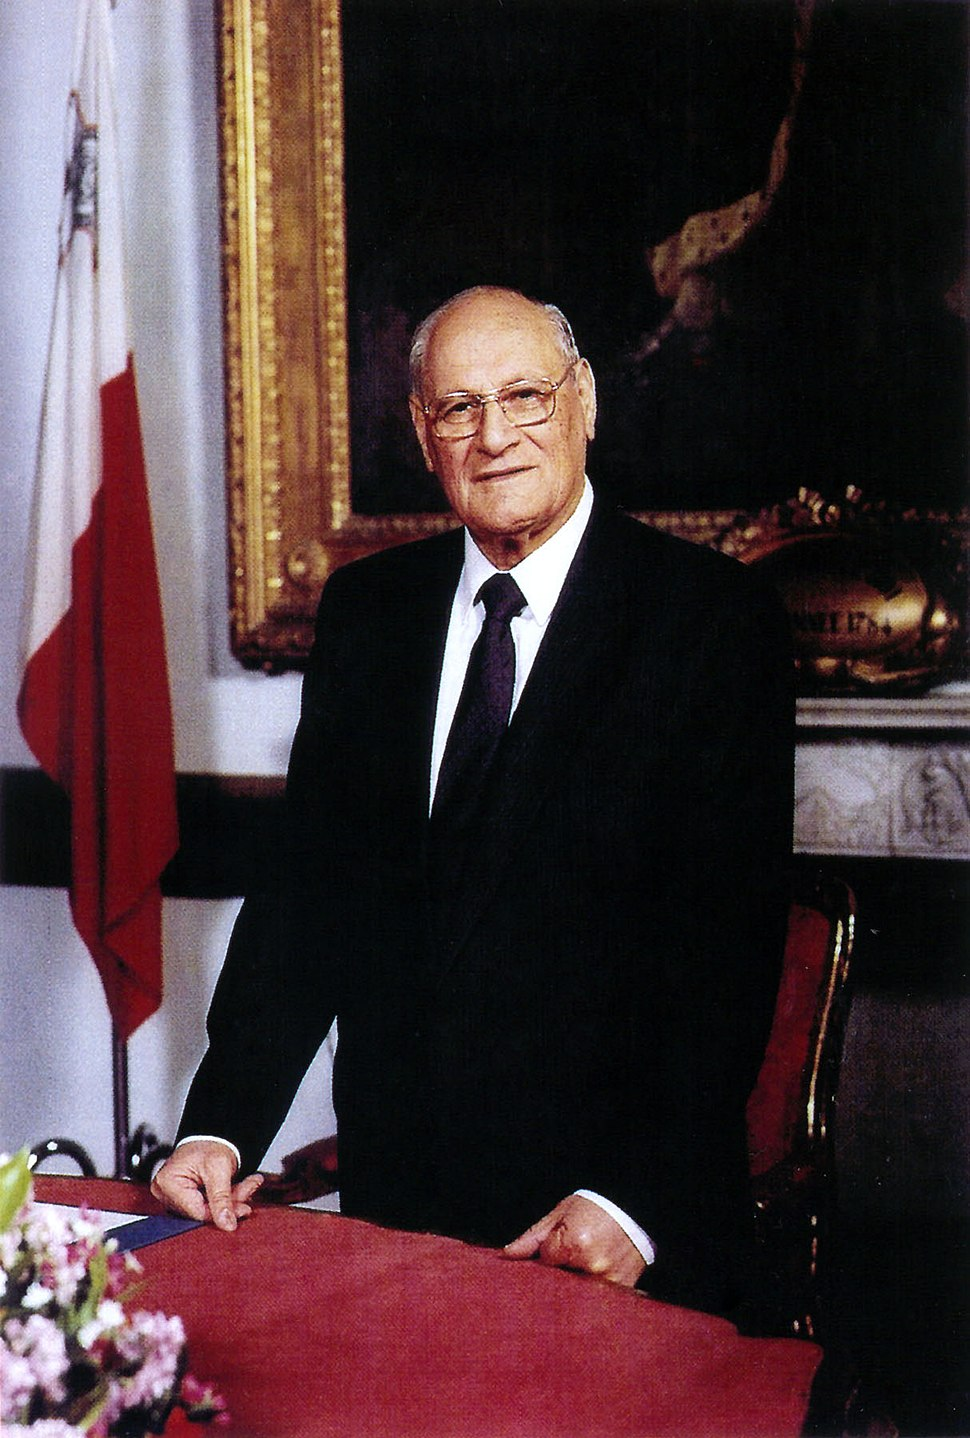 Dr. Censu Tabone